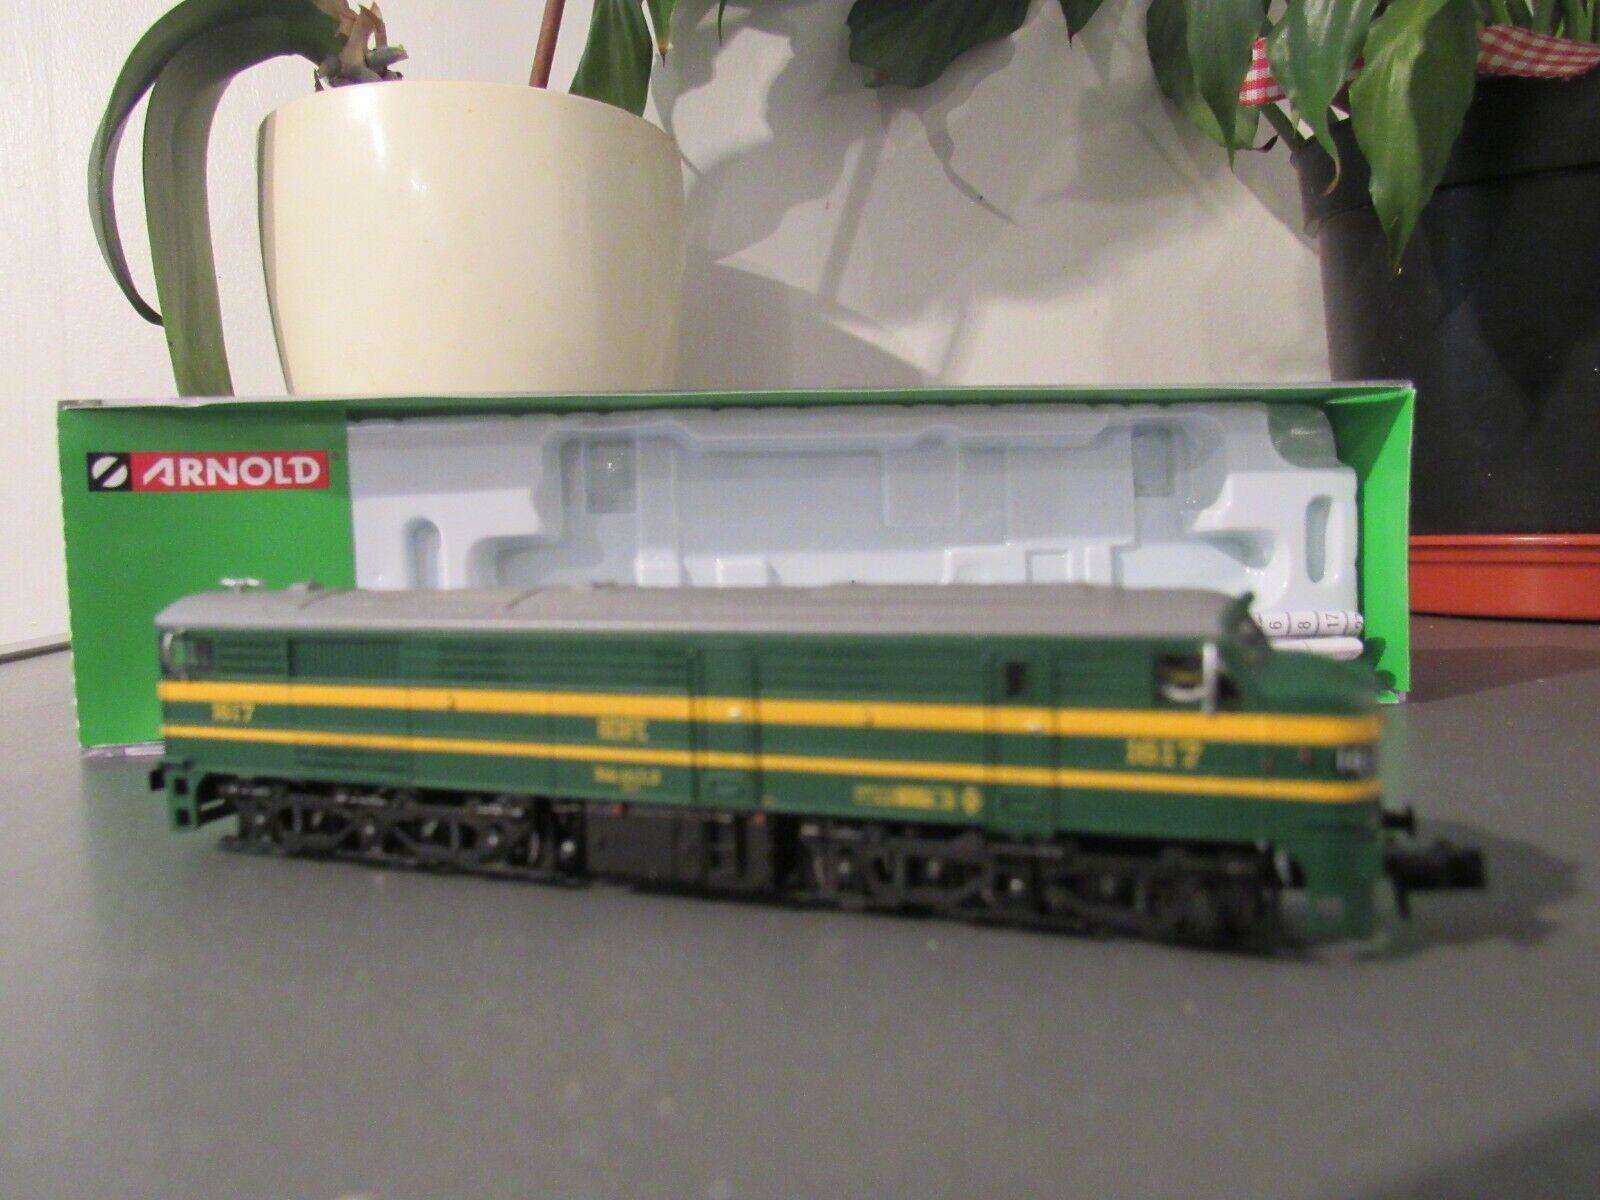 Arnold hn2410d renfe diesel locomotive 316 verde y giallo epoca 1v n gauge dcc